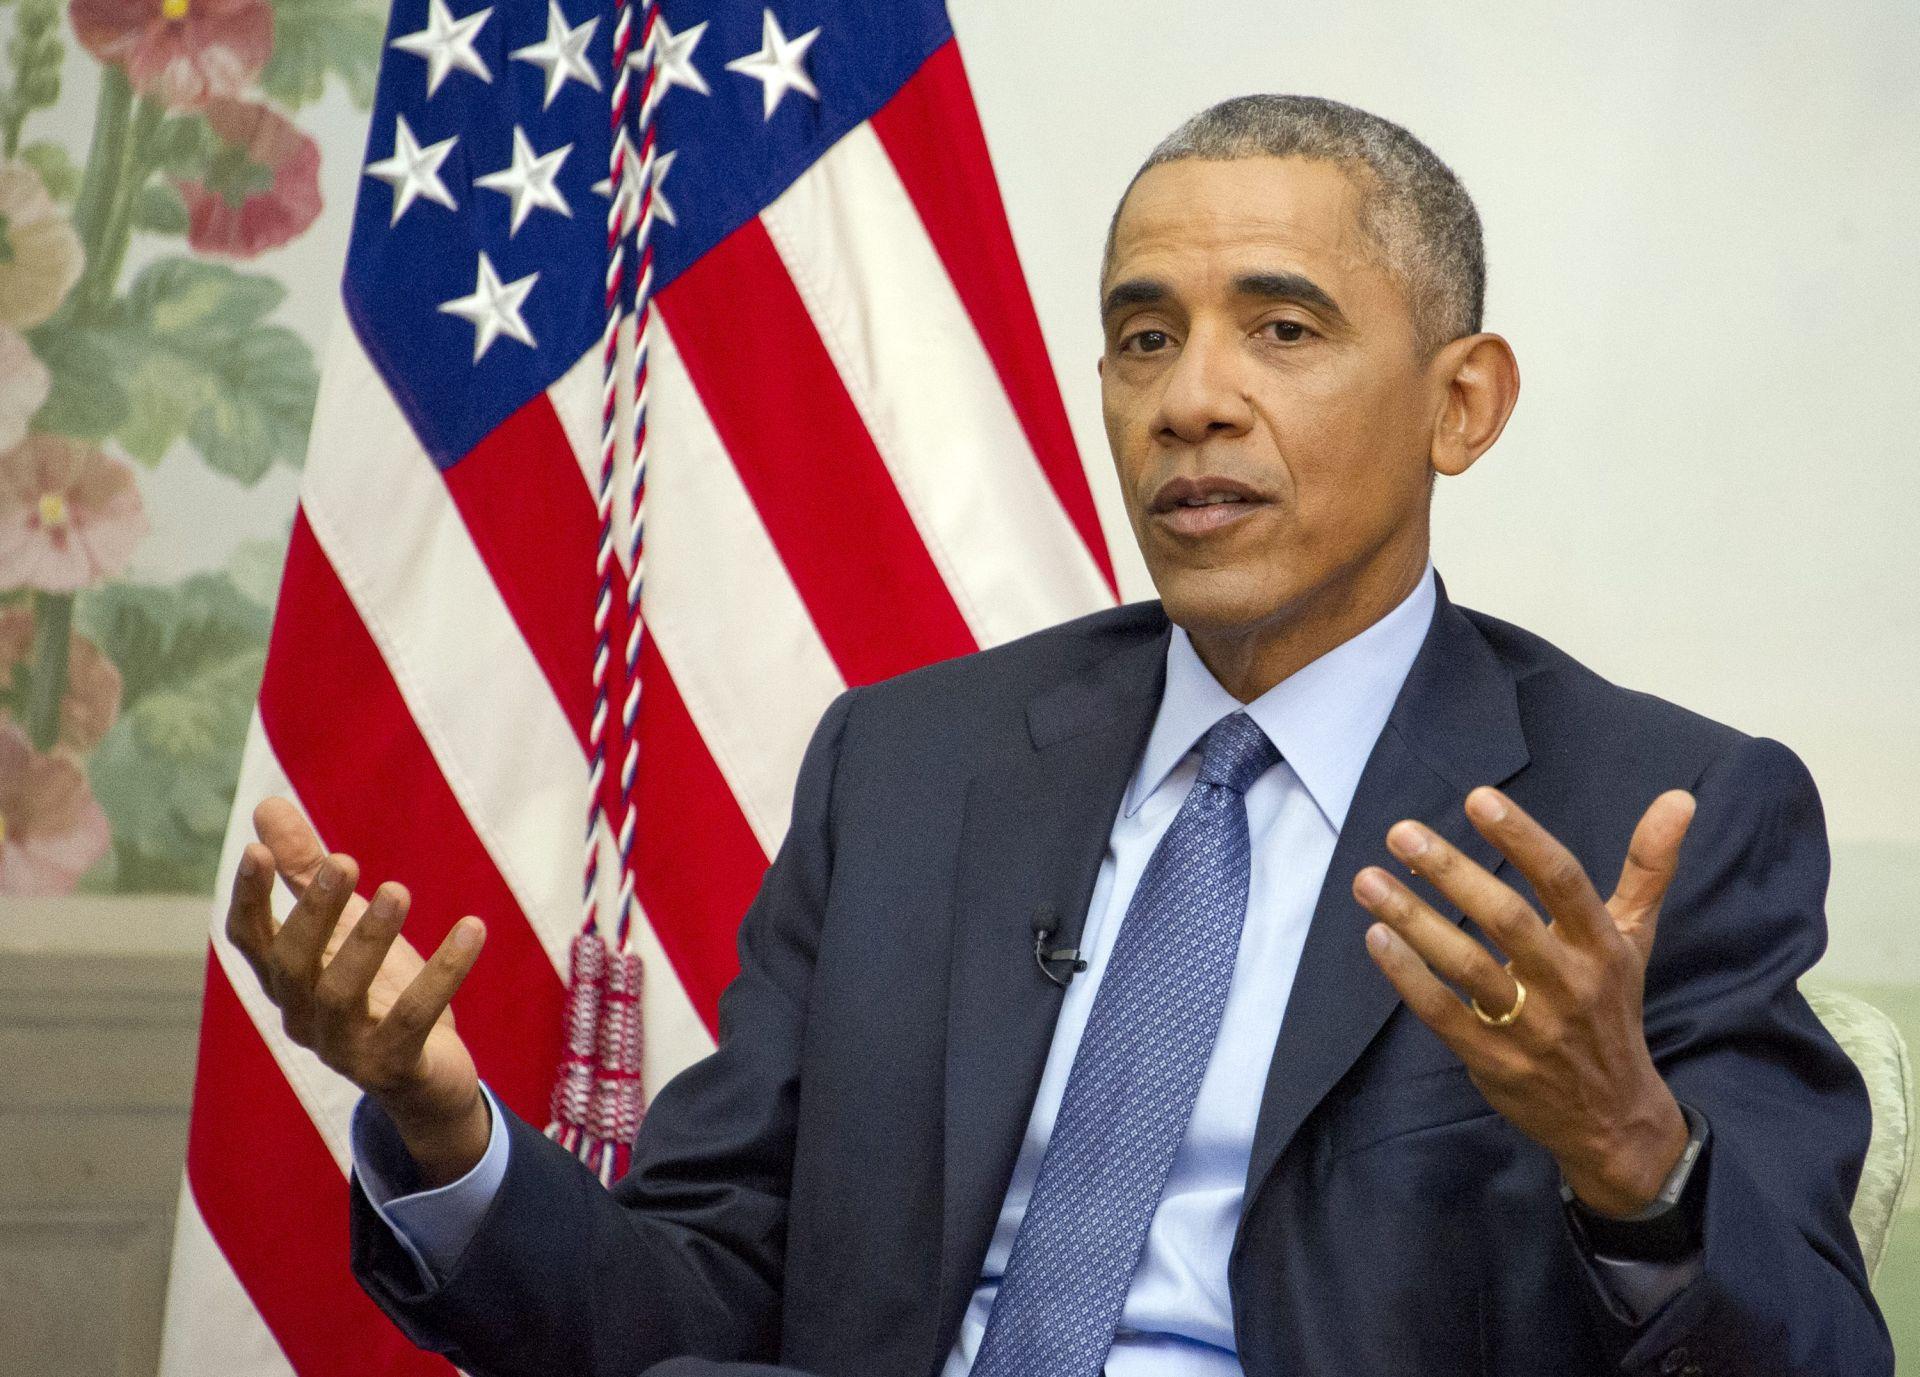 HRVATSKI POLITIČKI ANALITIČARI: Što ostaje iza Baracka Obame?